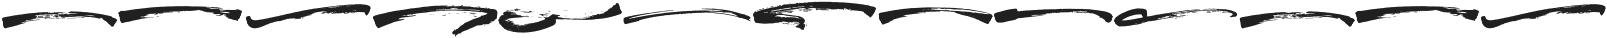 Moveness Brush Swash otf (400) Font UPPERCASE